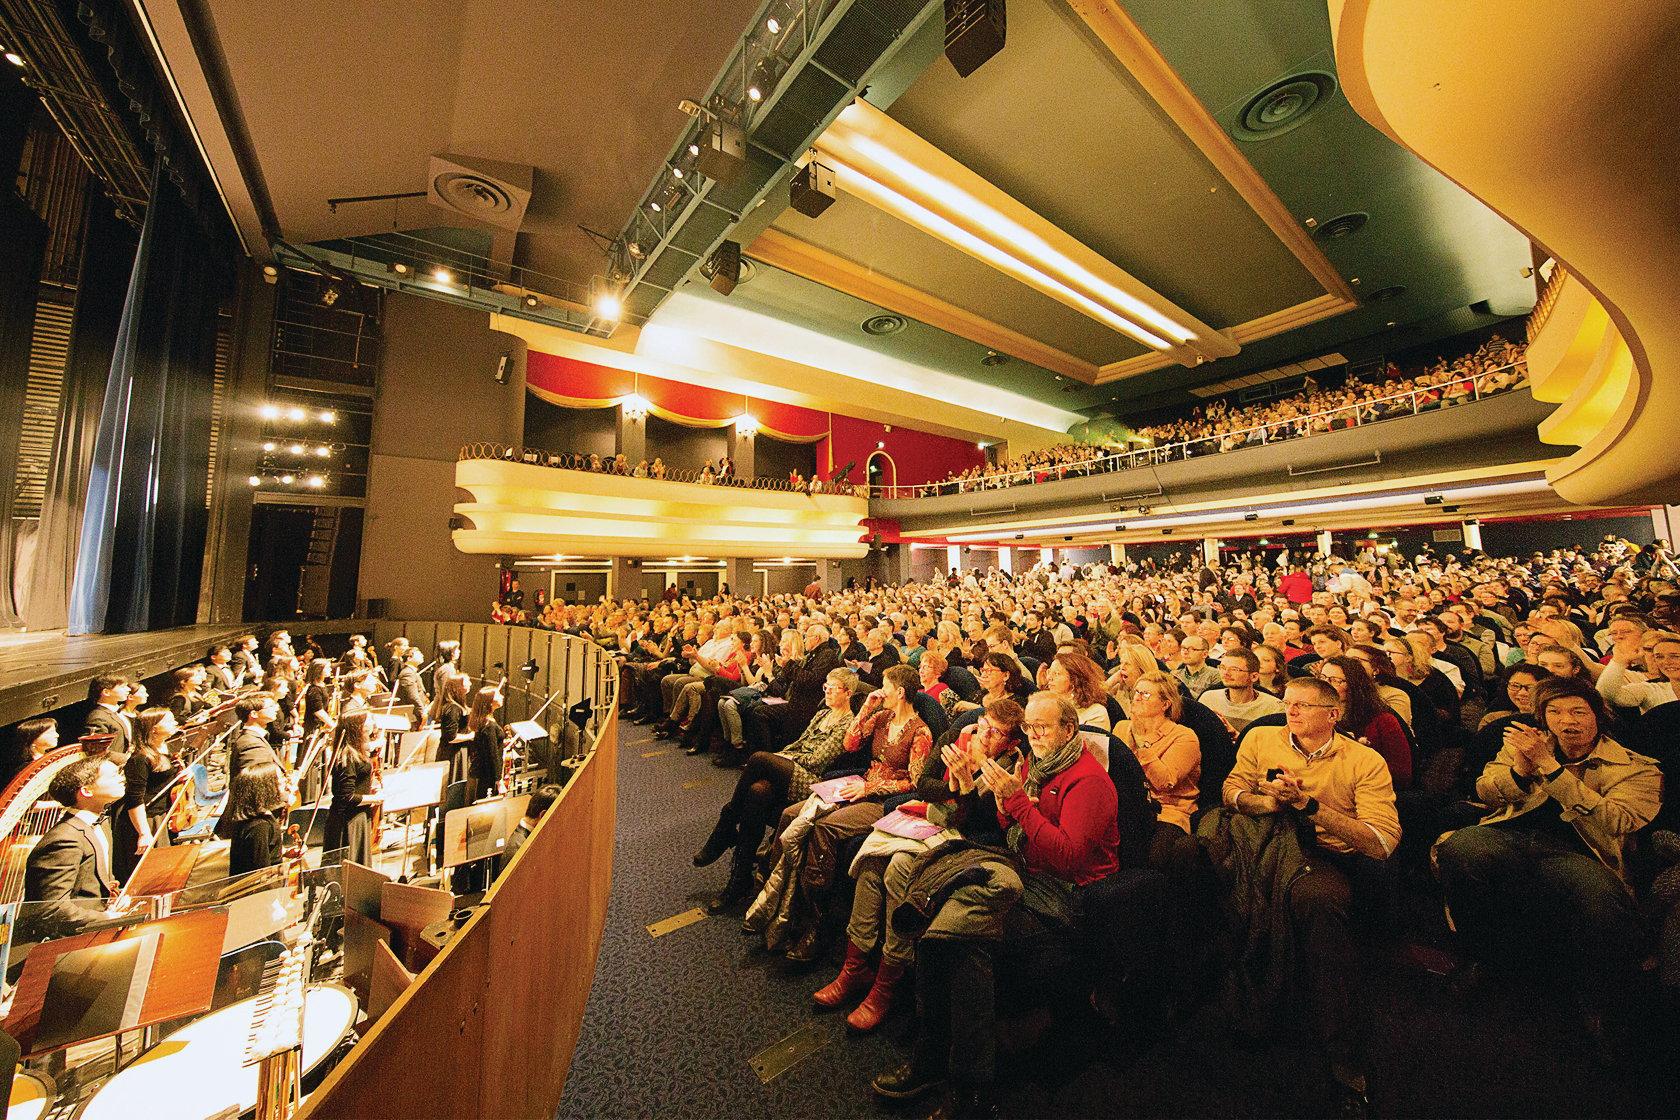 美國神韻國際藝術團在法國魯貝的三場演出全部爆滿。(吳青松/大紀元)